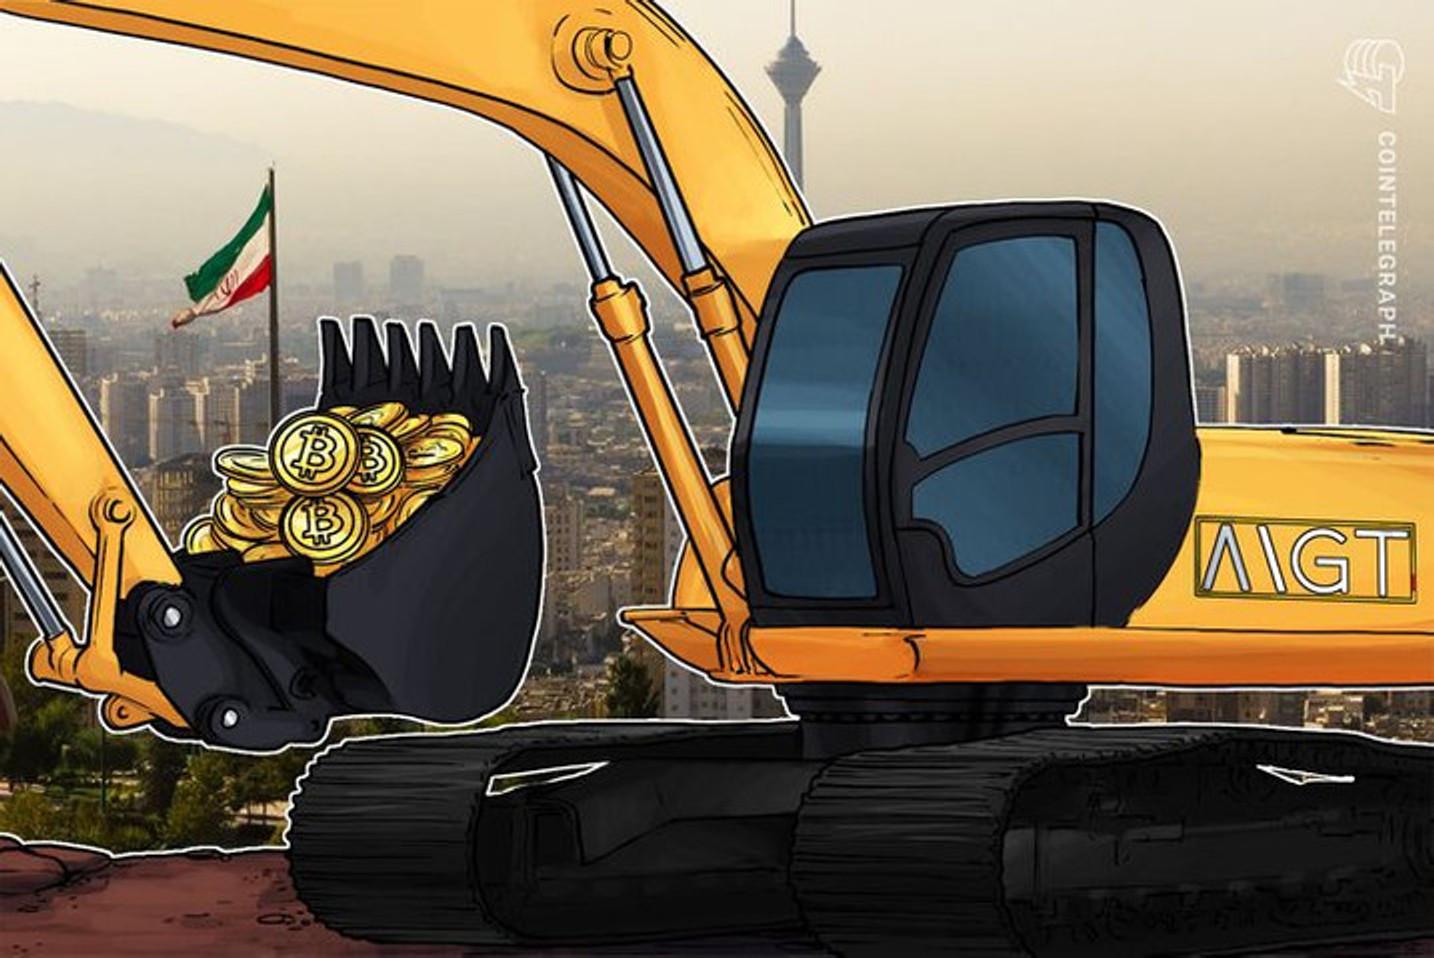 Crise do coronavírus no Irã contrasta com explosão de procura por Bitcoin